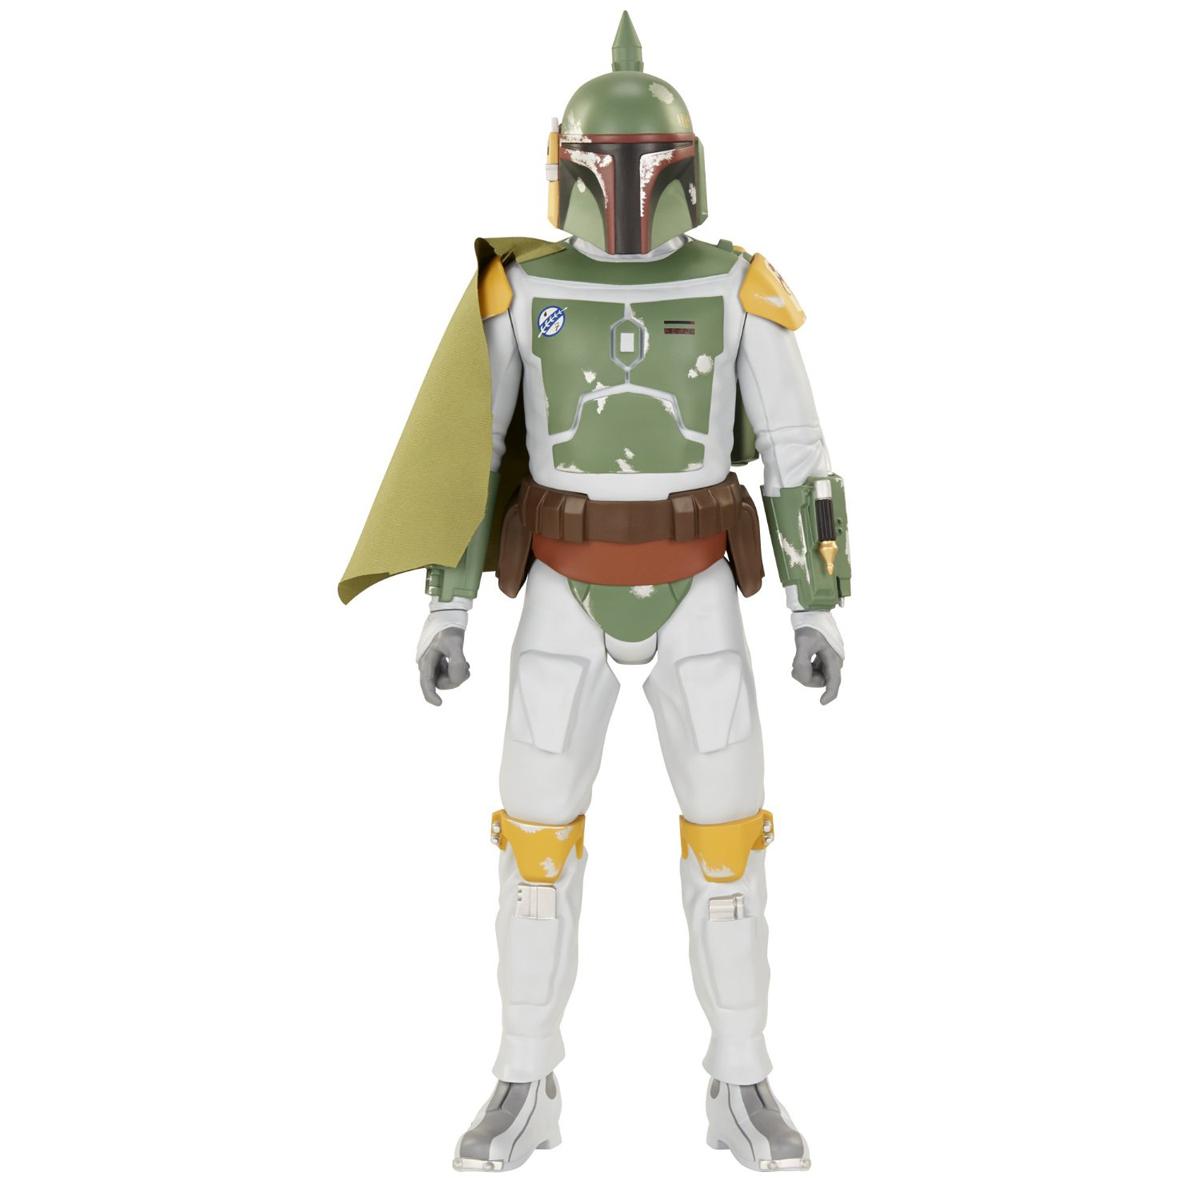 Большая фигурка Боба Фетта - Звёздные воиныИгрушки Star Wars (Звездные воины)<br>Большая фигурка Боба Фетта - Звёздные воины<br>